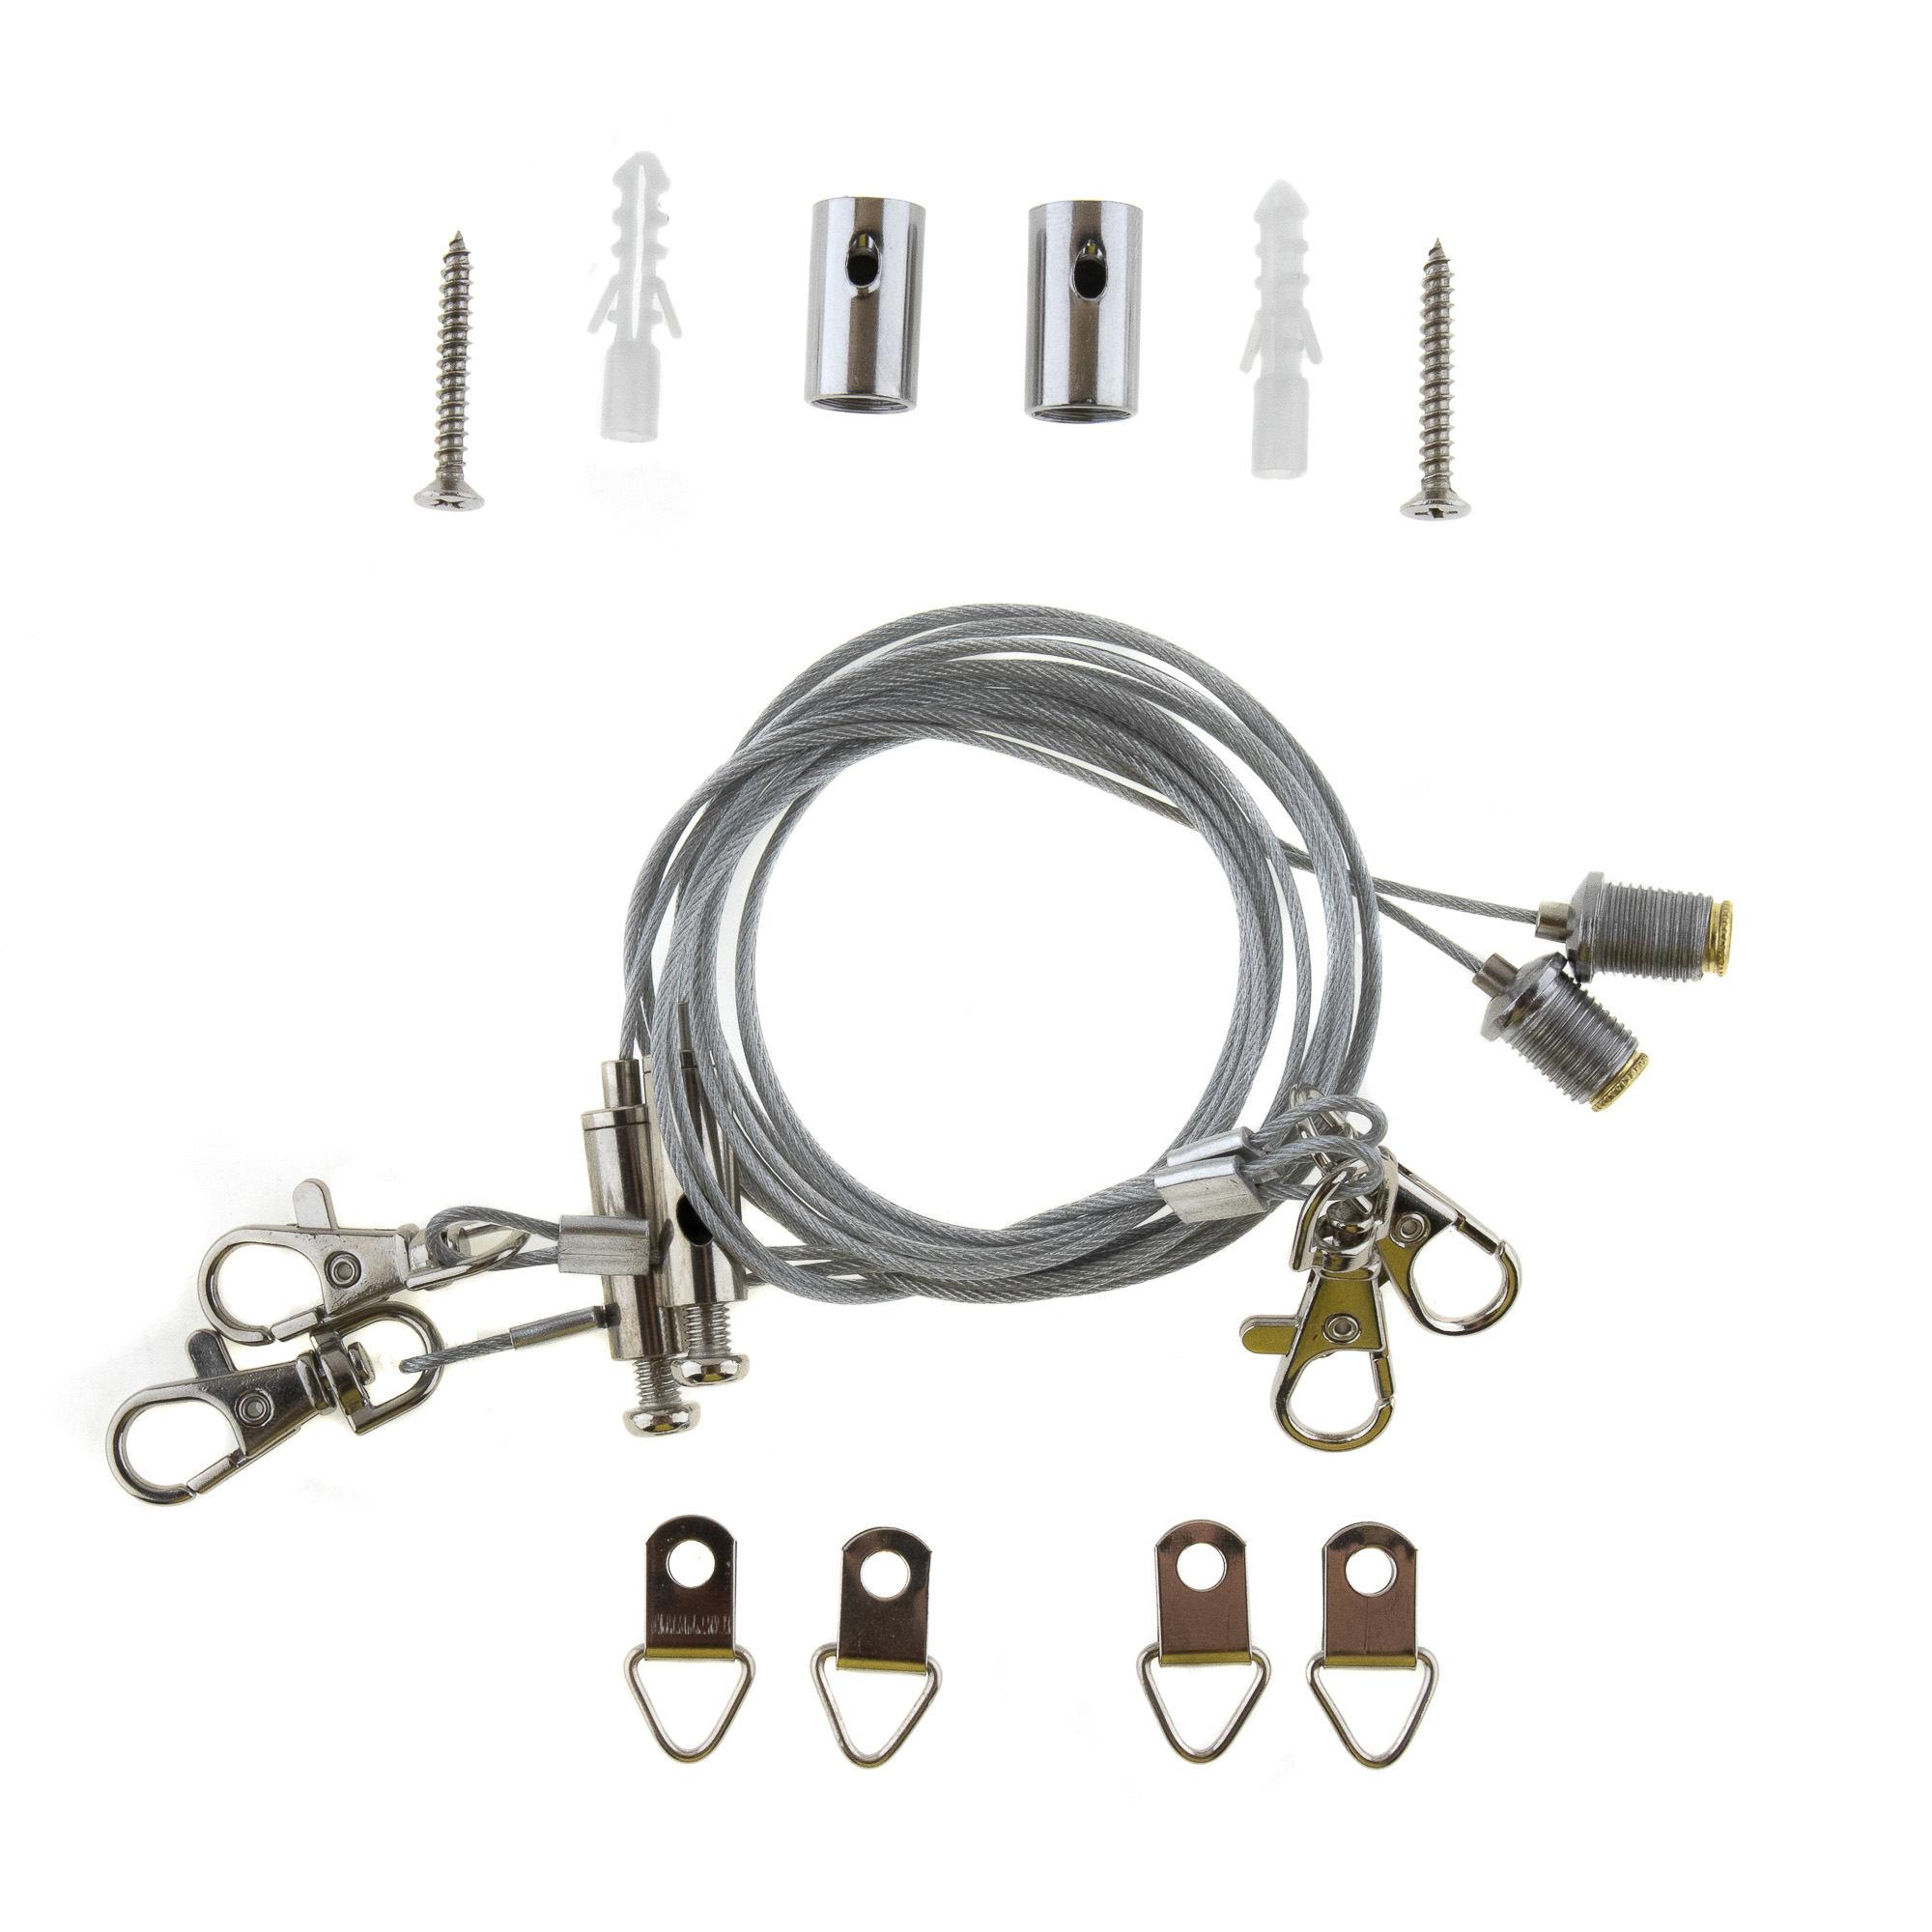 Drahtseil-Montage-Set LED-Panele [312768] - Matrix Handels GmbH ...